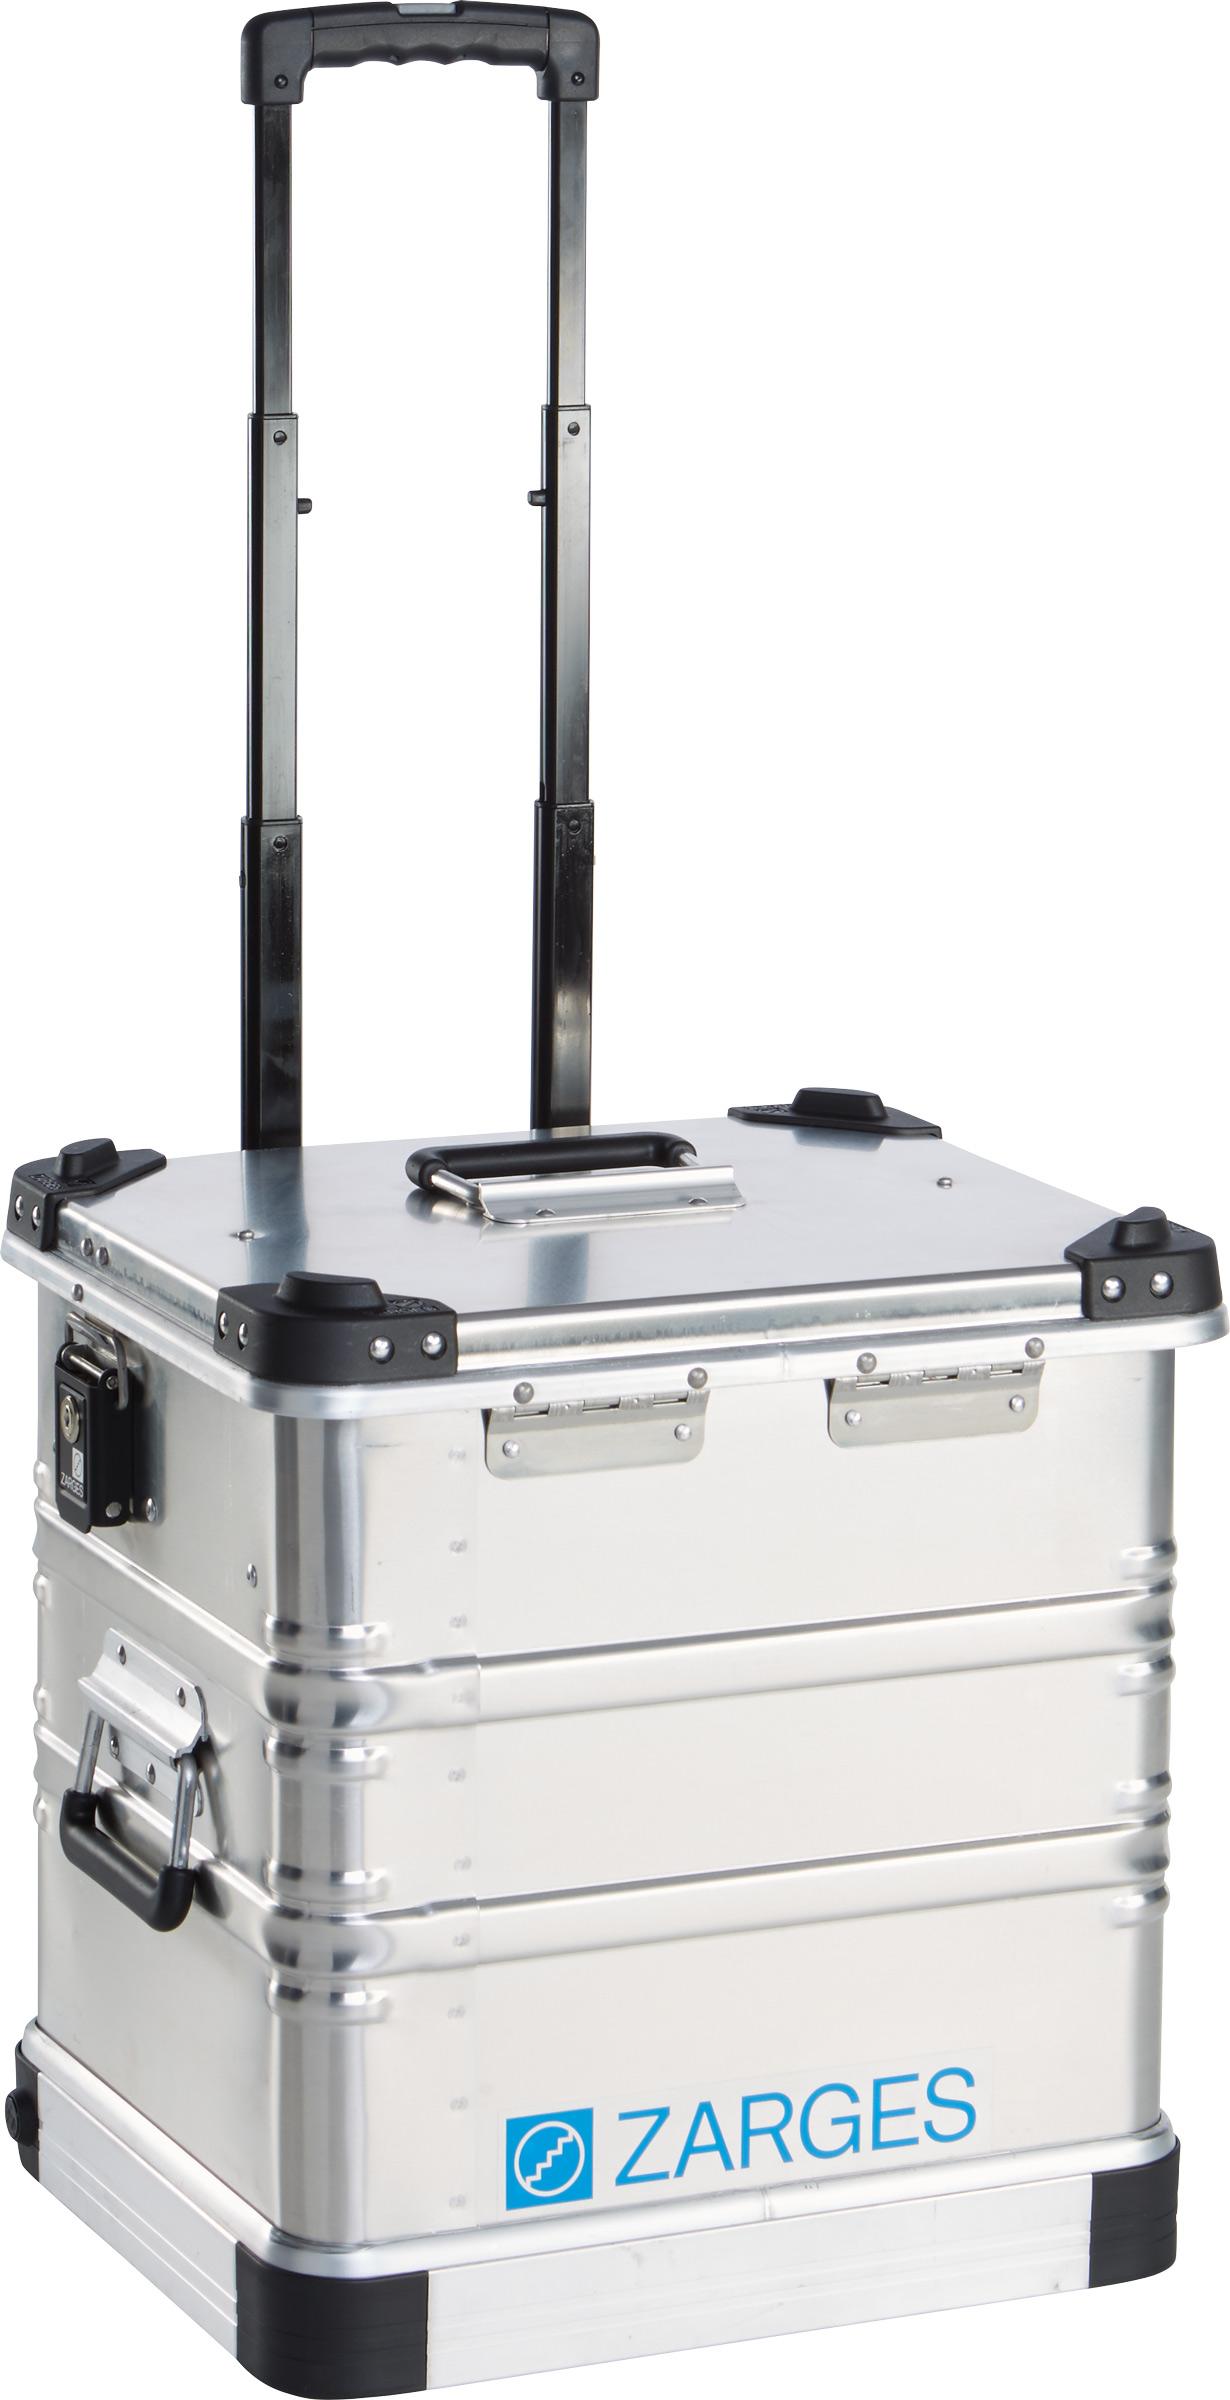 ZARGES Bürobox K 424 XC Mobil